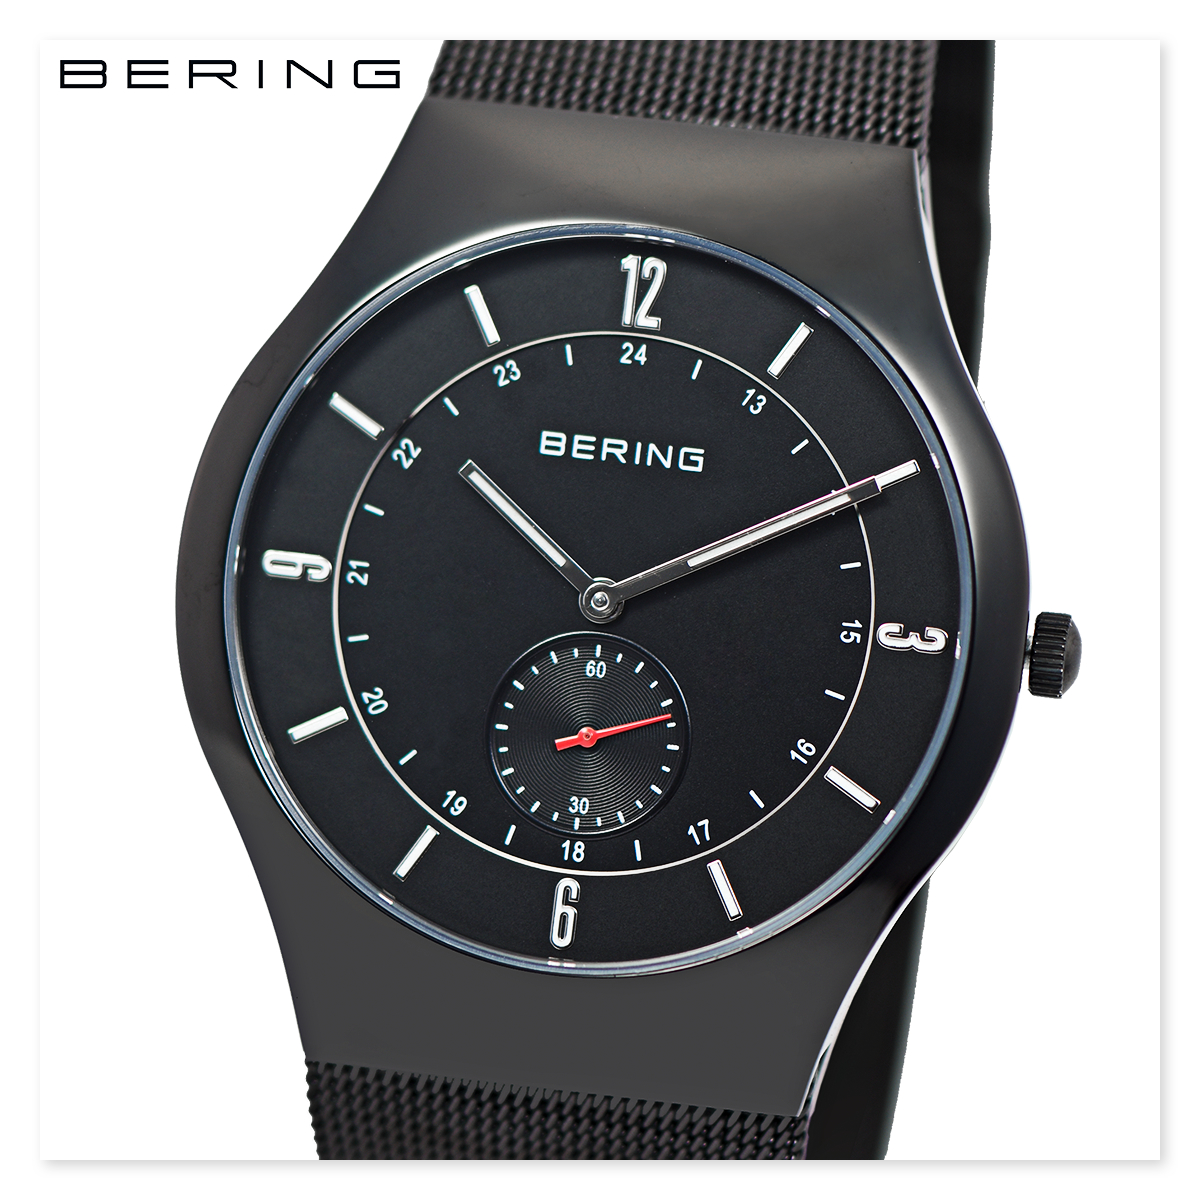 【全品送料無料】 BERING ベーリング 11940-222 メンズ レディース ユニセックス スリム 時計 腕時計 プレゼント 贈り物 ギフト 彼氏 フォーマル カジュアル ペアウォッチ 北欧[あす楽]